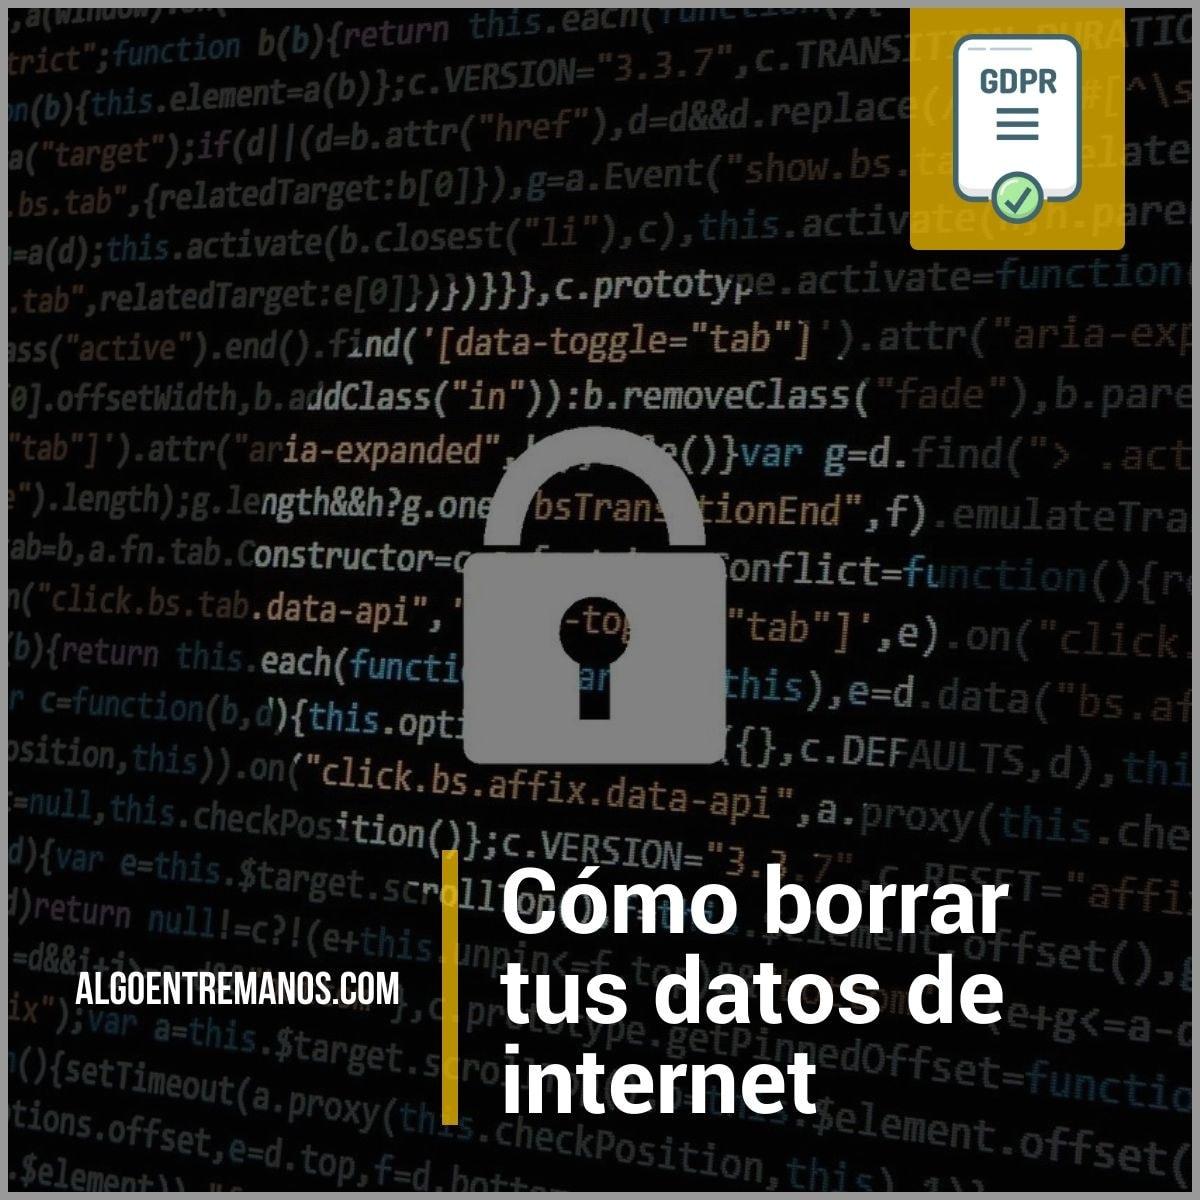 Cómo borrar tus datos de internet